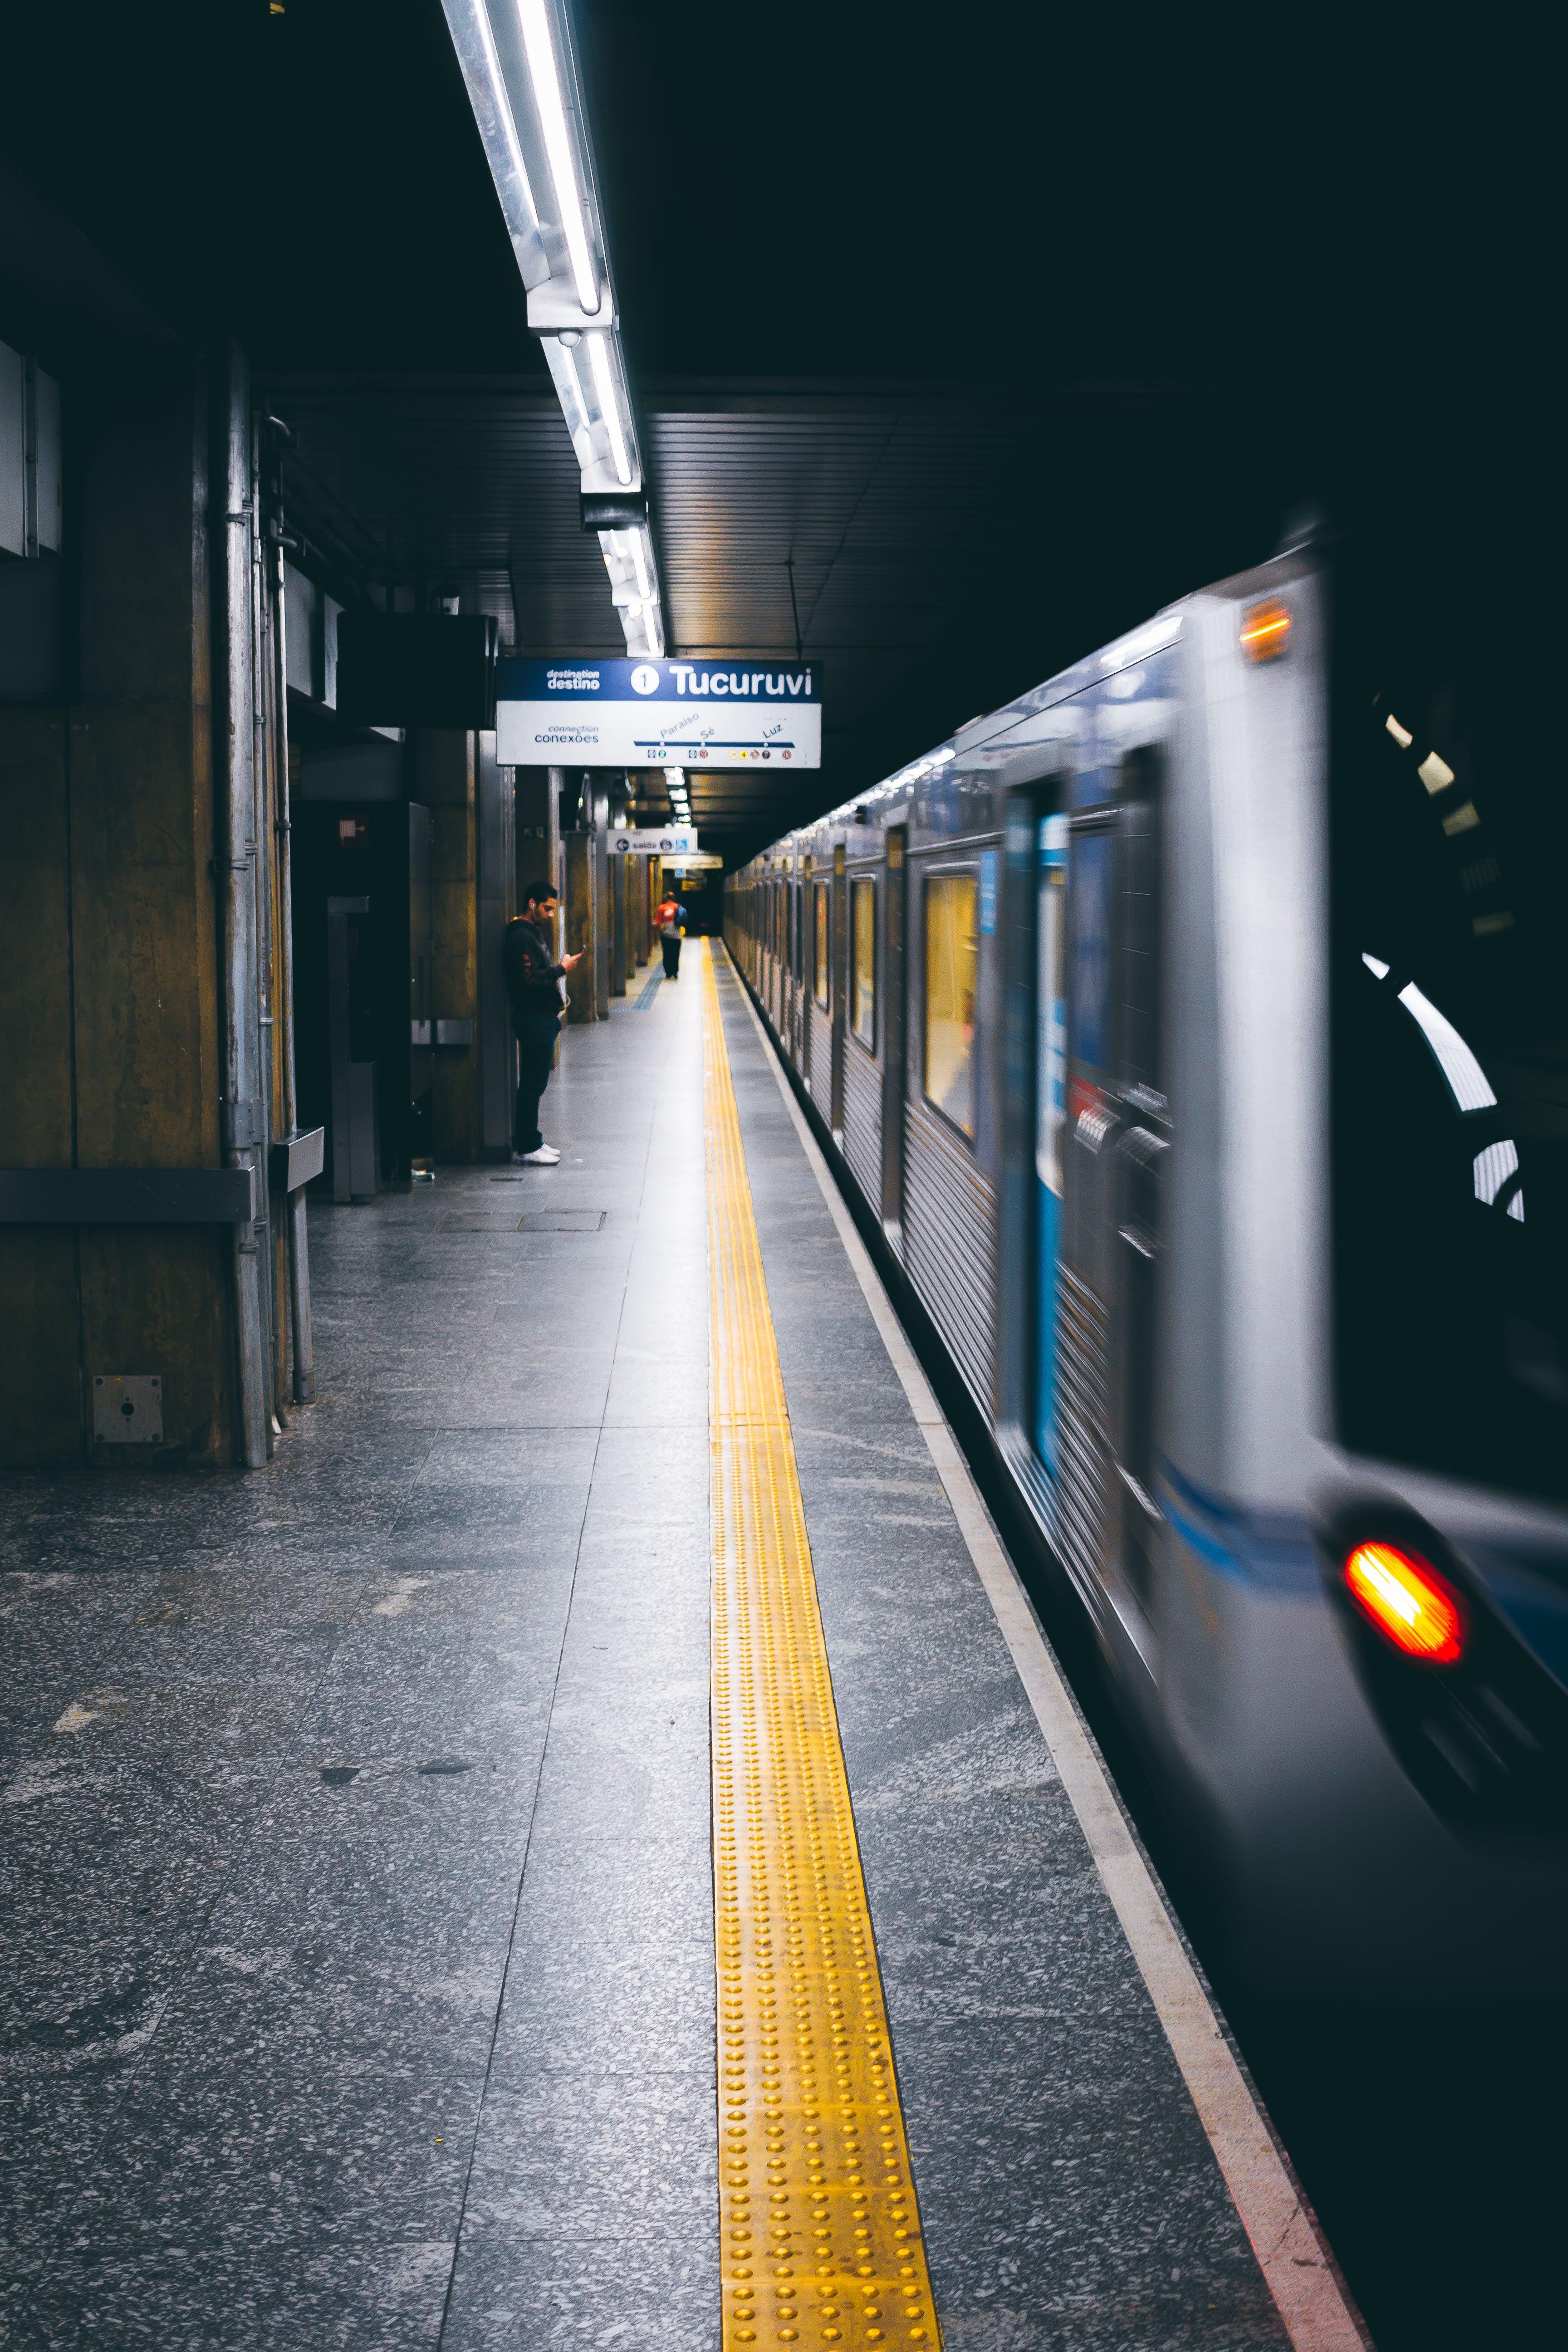 Δωρεάν στοκ φωτογραφιών με δημόσιες συγκοινωνίες, Μεταφορά, όχημα, προπονούμαι